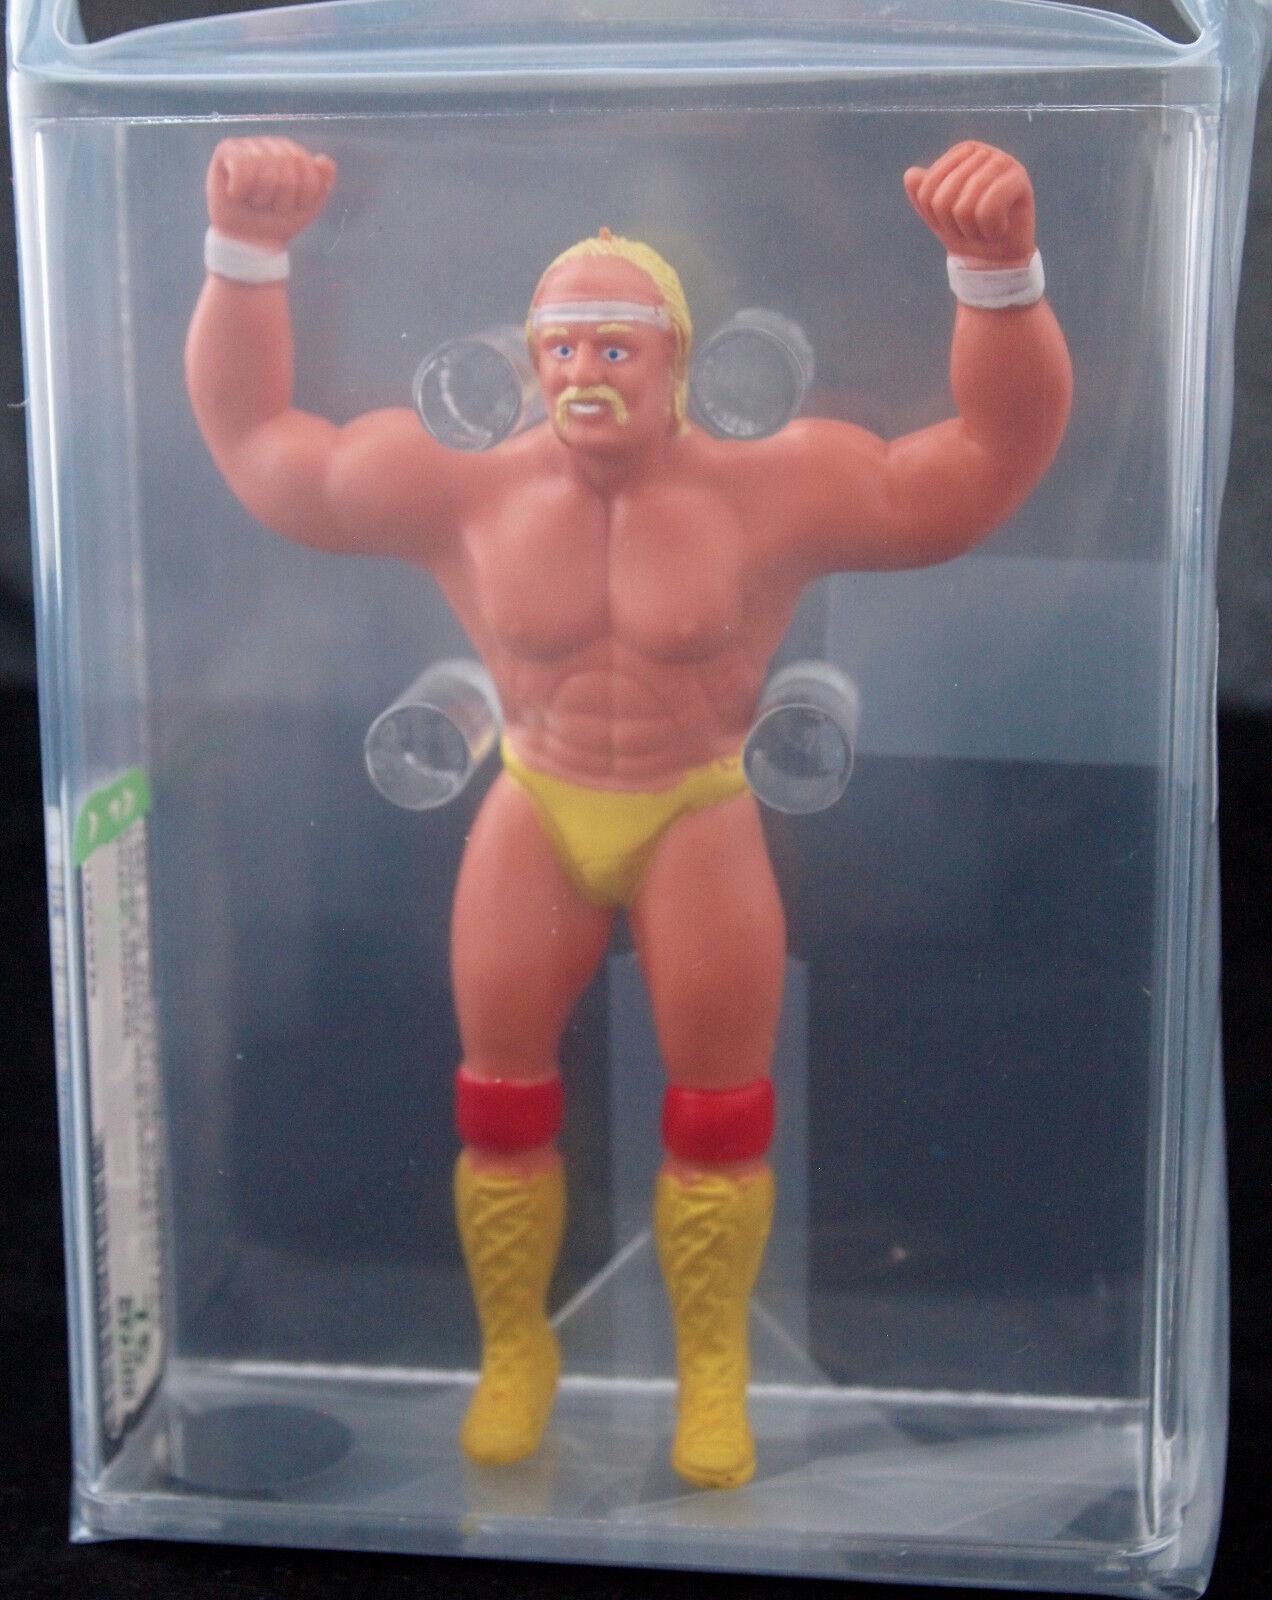 1985 lucha de superestrellas Hulk Hogan LJN Suelto bendies figura autoridad Figura de Acción 75